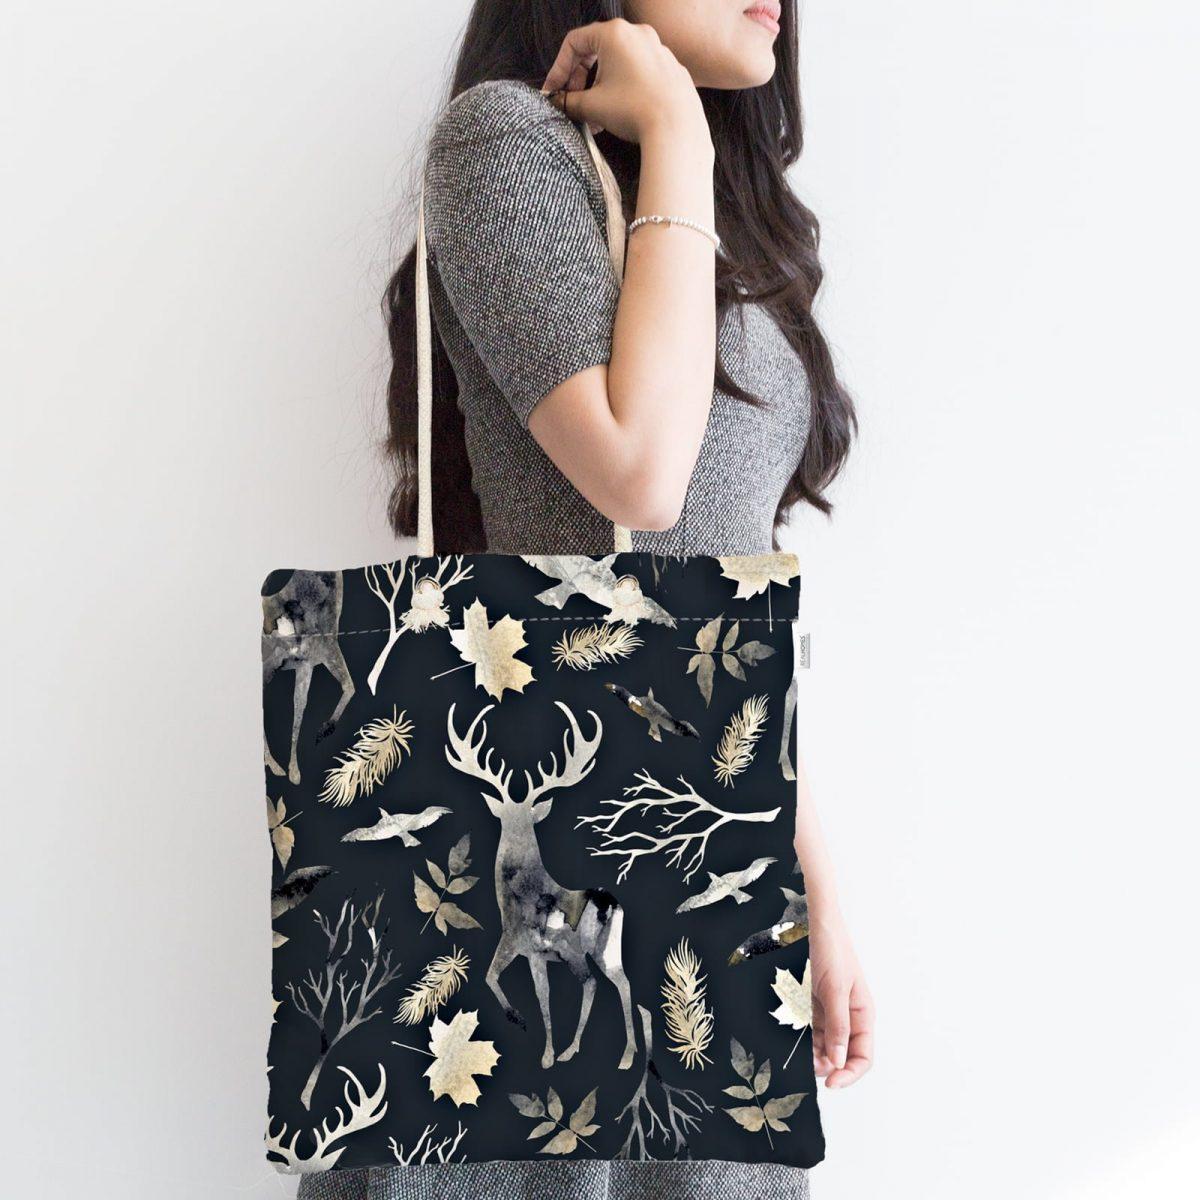 Siyah Zeminde Geyik ve Yaprak Desenli Fermuarlı Kumaş Çanta Realhomes